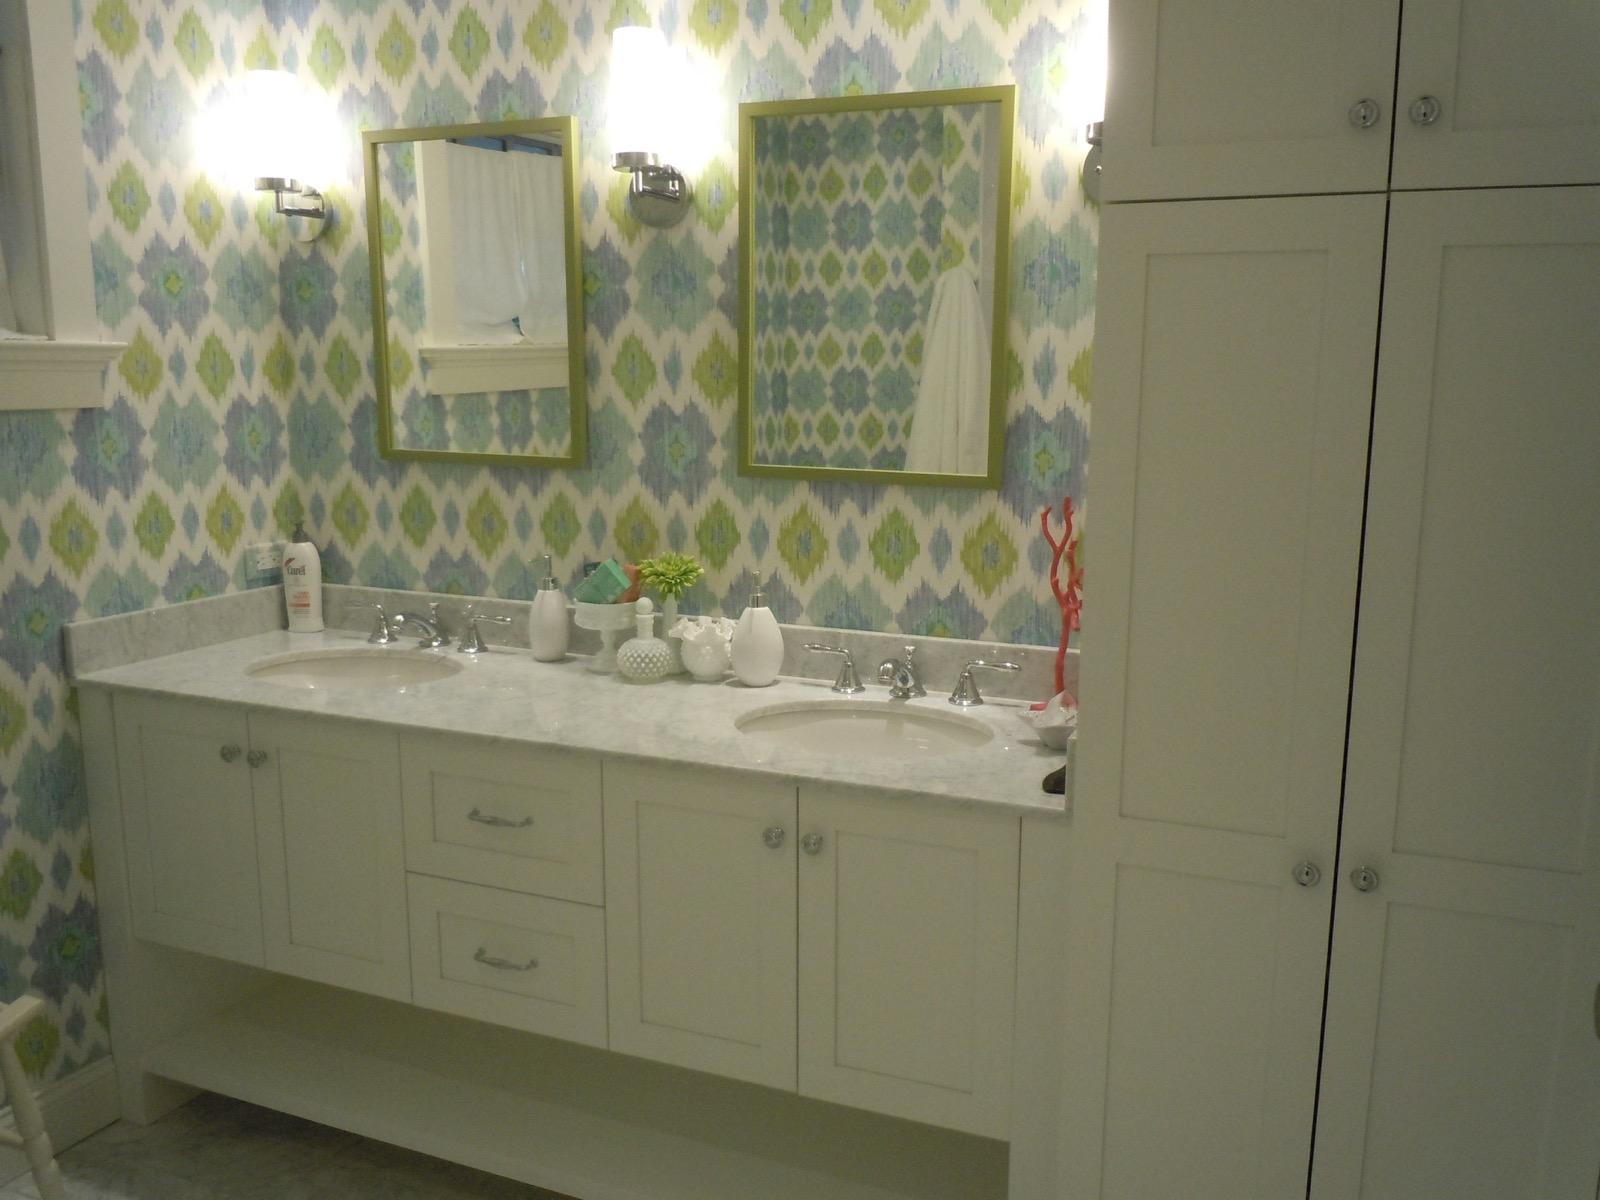 d.bathrooms/pic2.JPG